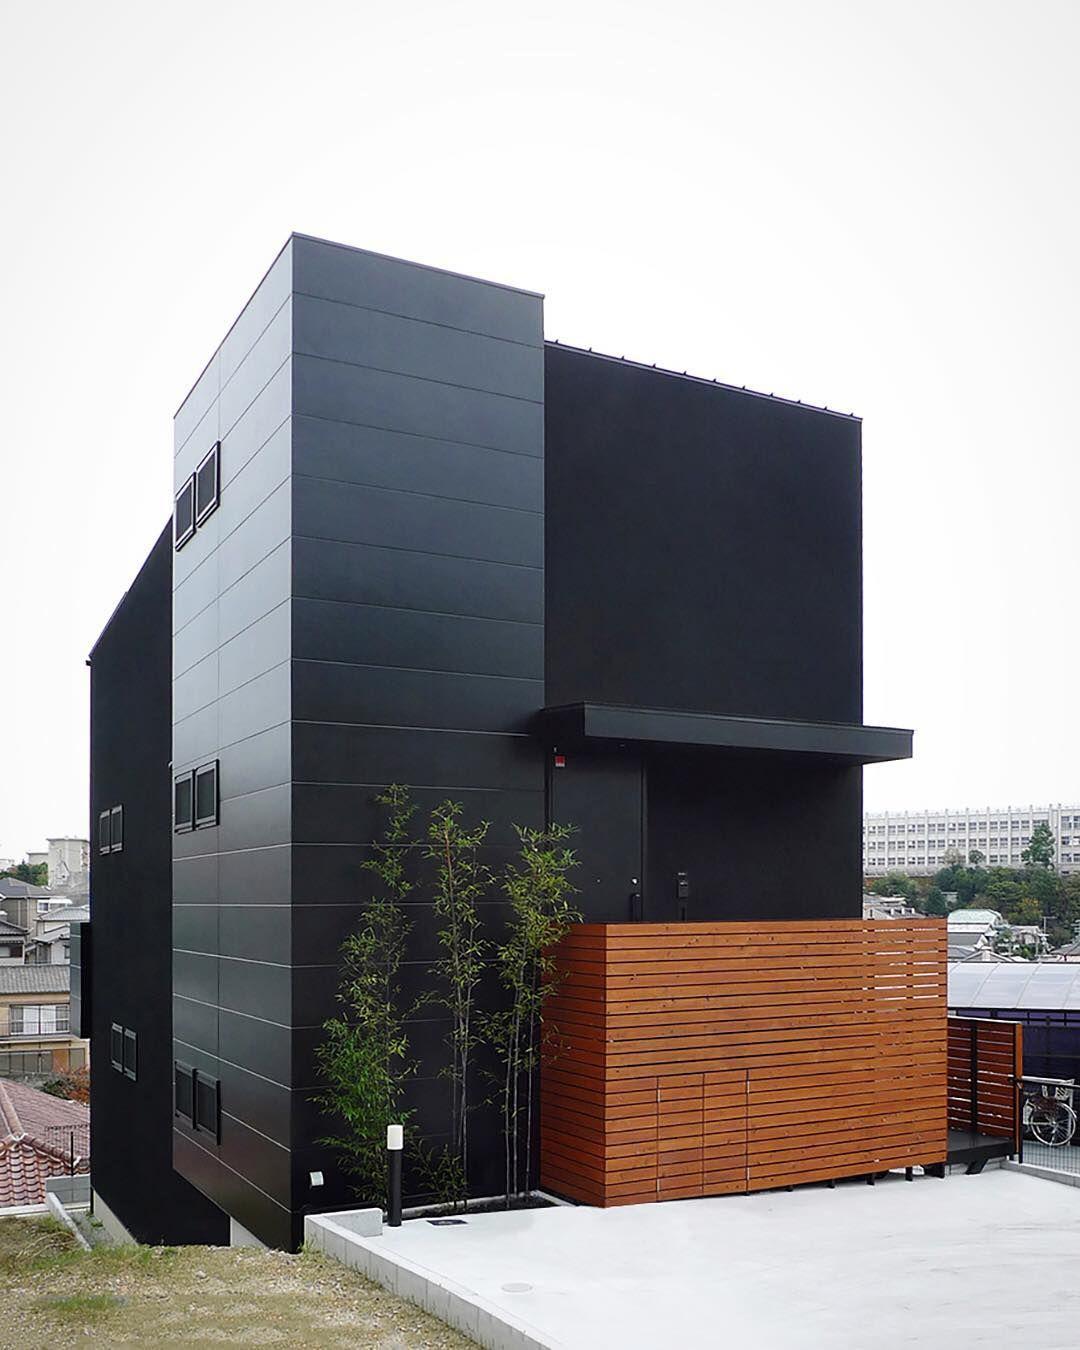 展望バルコニーのある家 眺望を取り込んだ住宅 Ldhomes ラブ